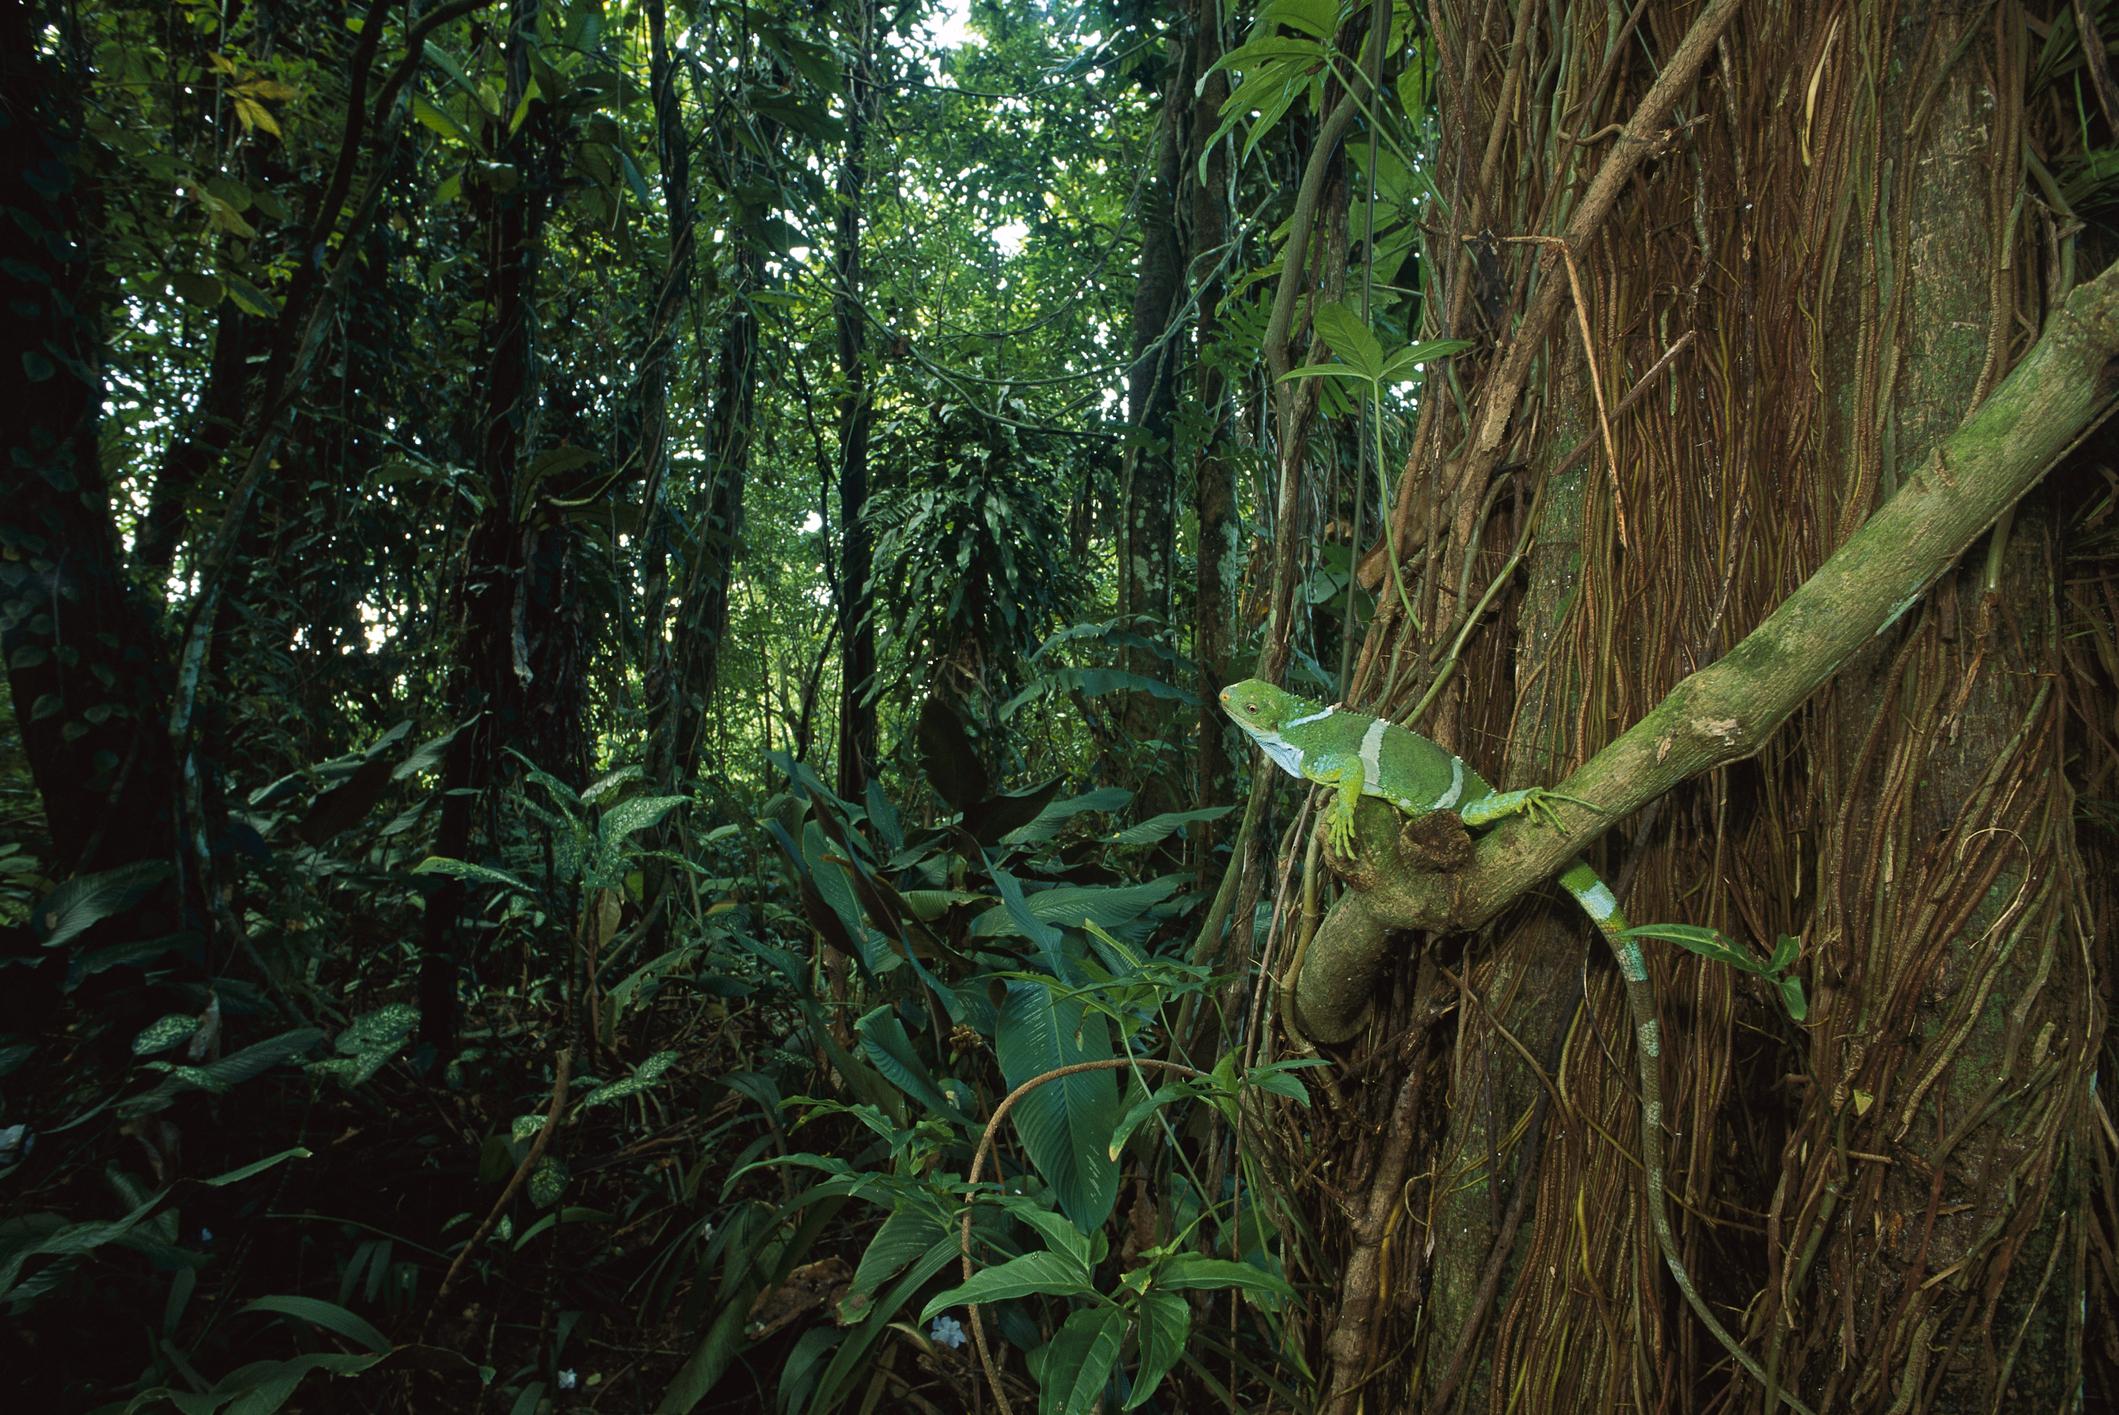 Fiji crested iguana on rainforest vine